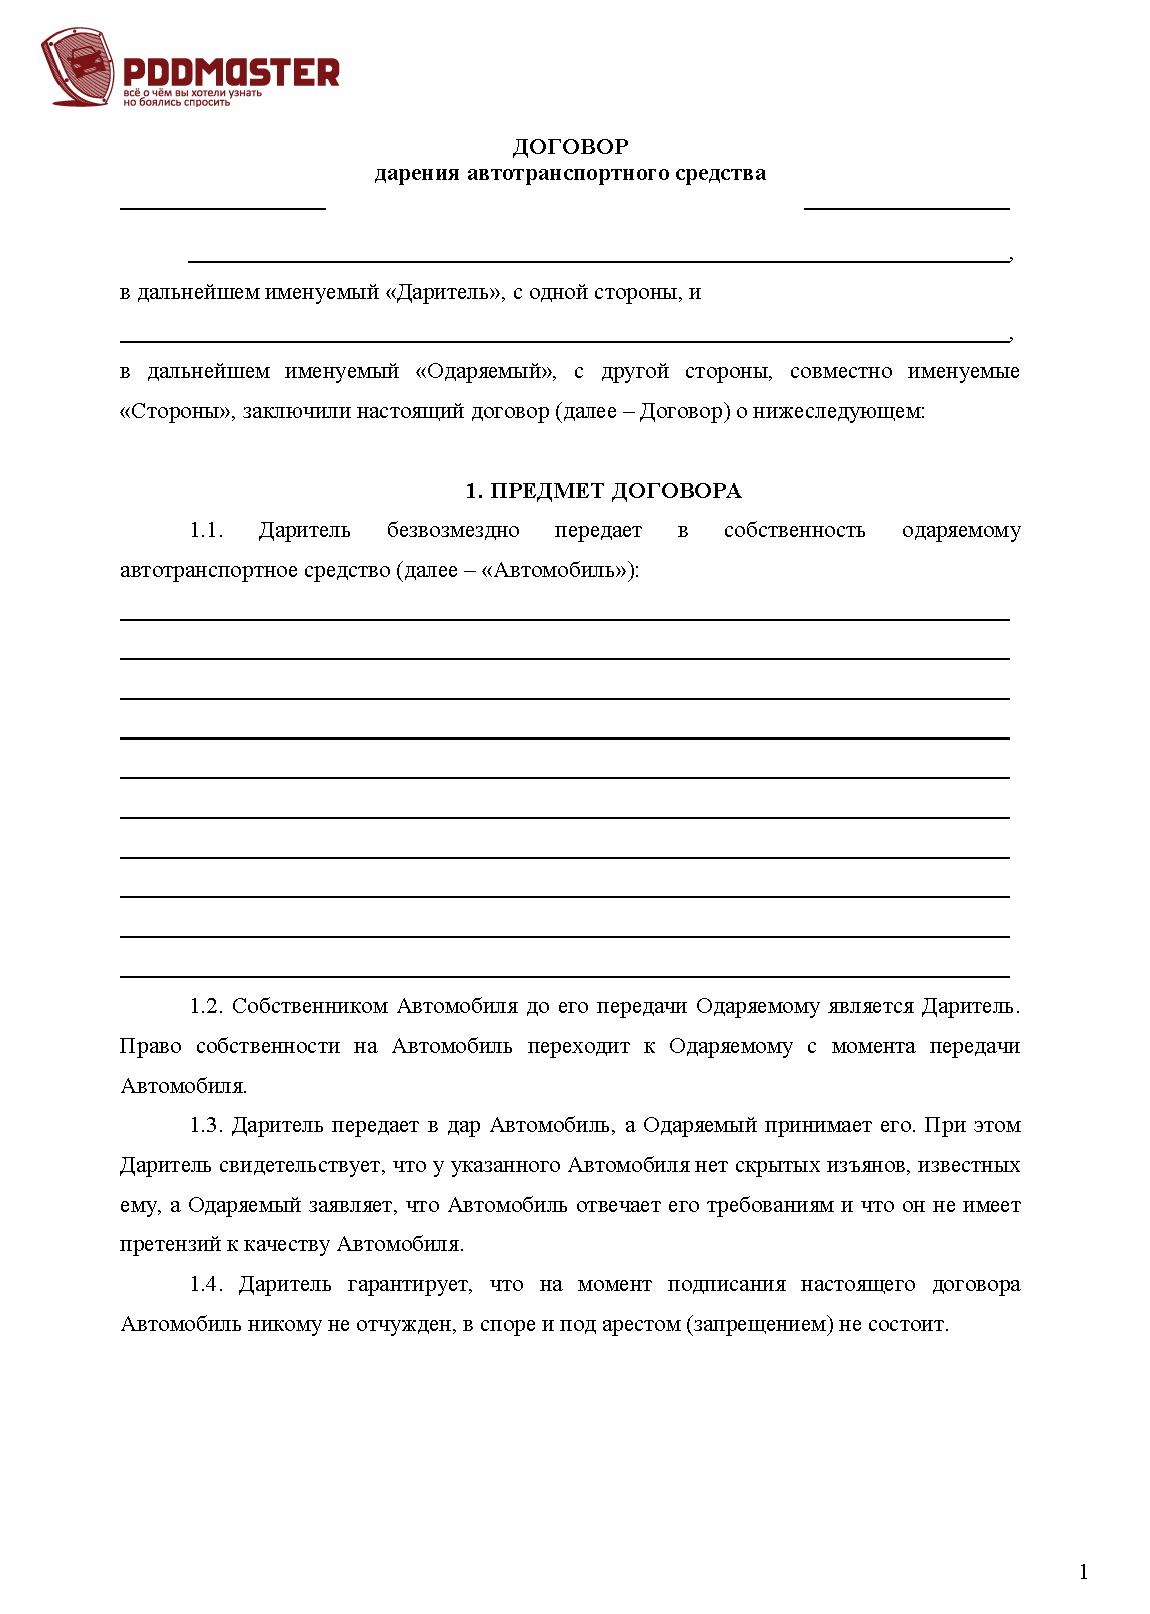 Бланк договора дарения автомобиля